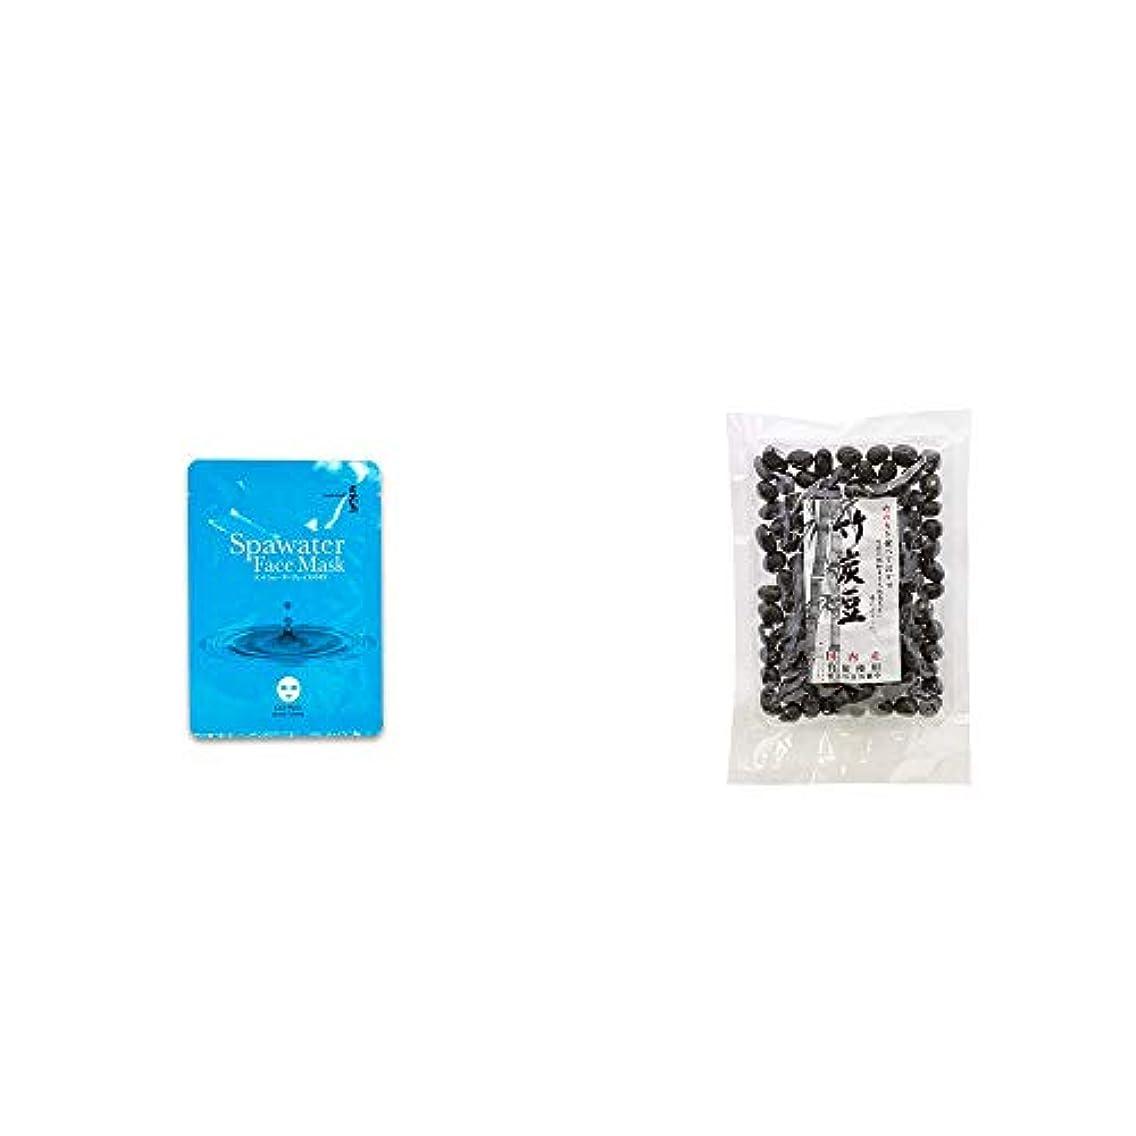 実現可能性コスト戦争[2点セット] ひのき炭黒泉 スパウォーターフェイスマスク(18ml×3枚入)?国内産 竹炭使用 竹炭豆(160g)